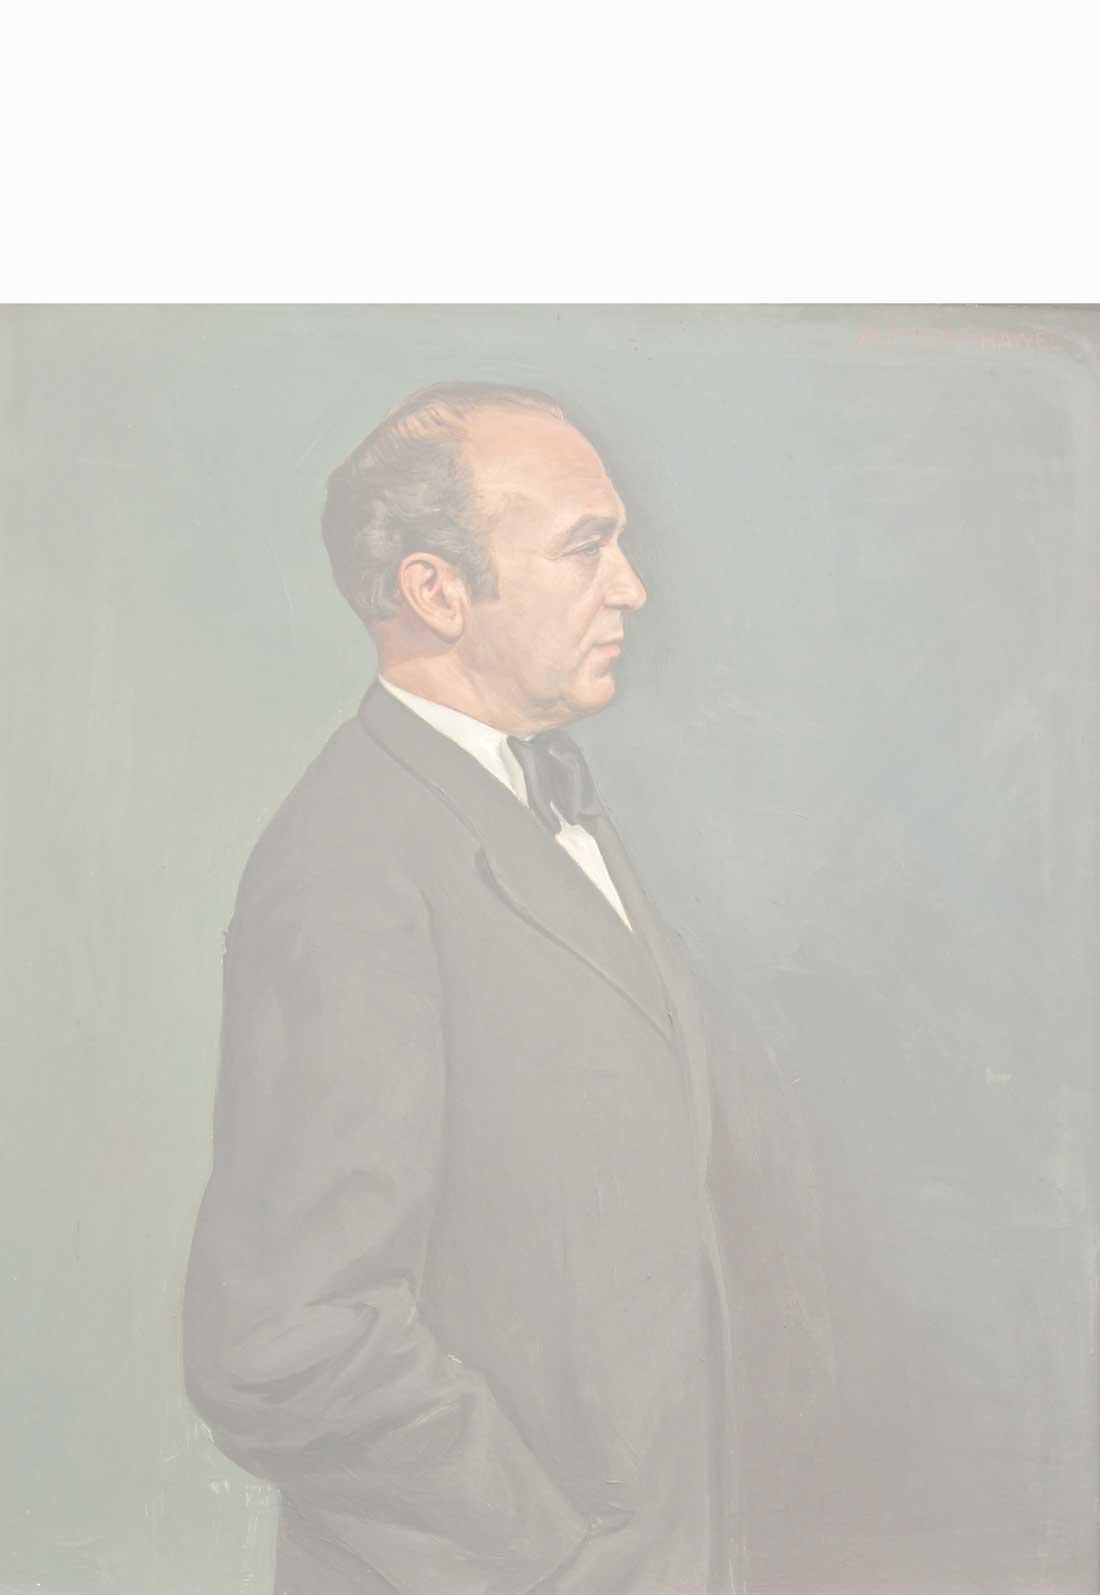 Dr. Karl Nowotny